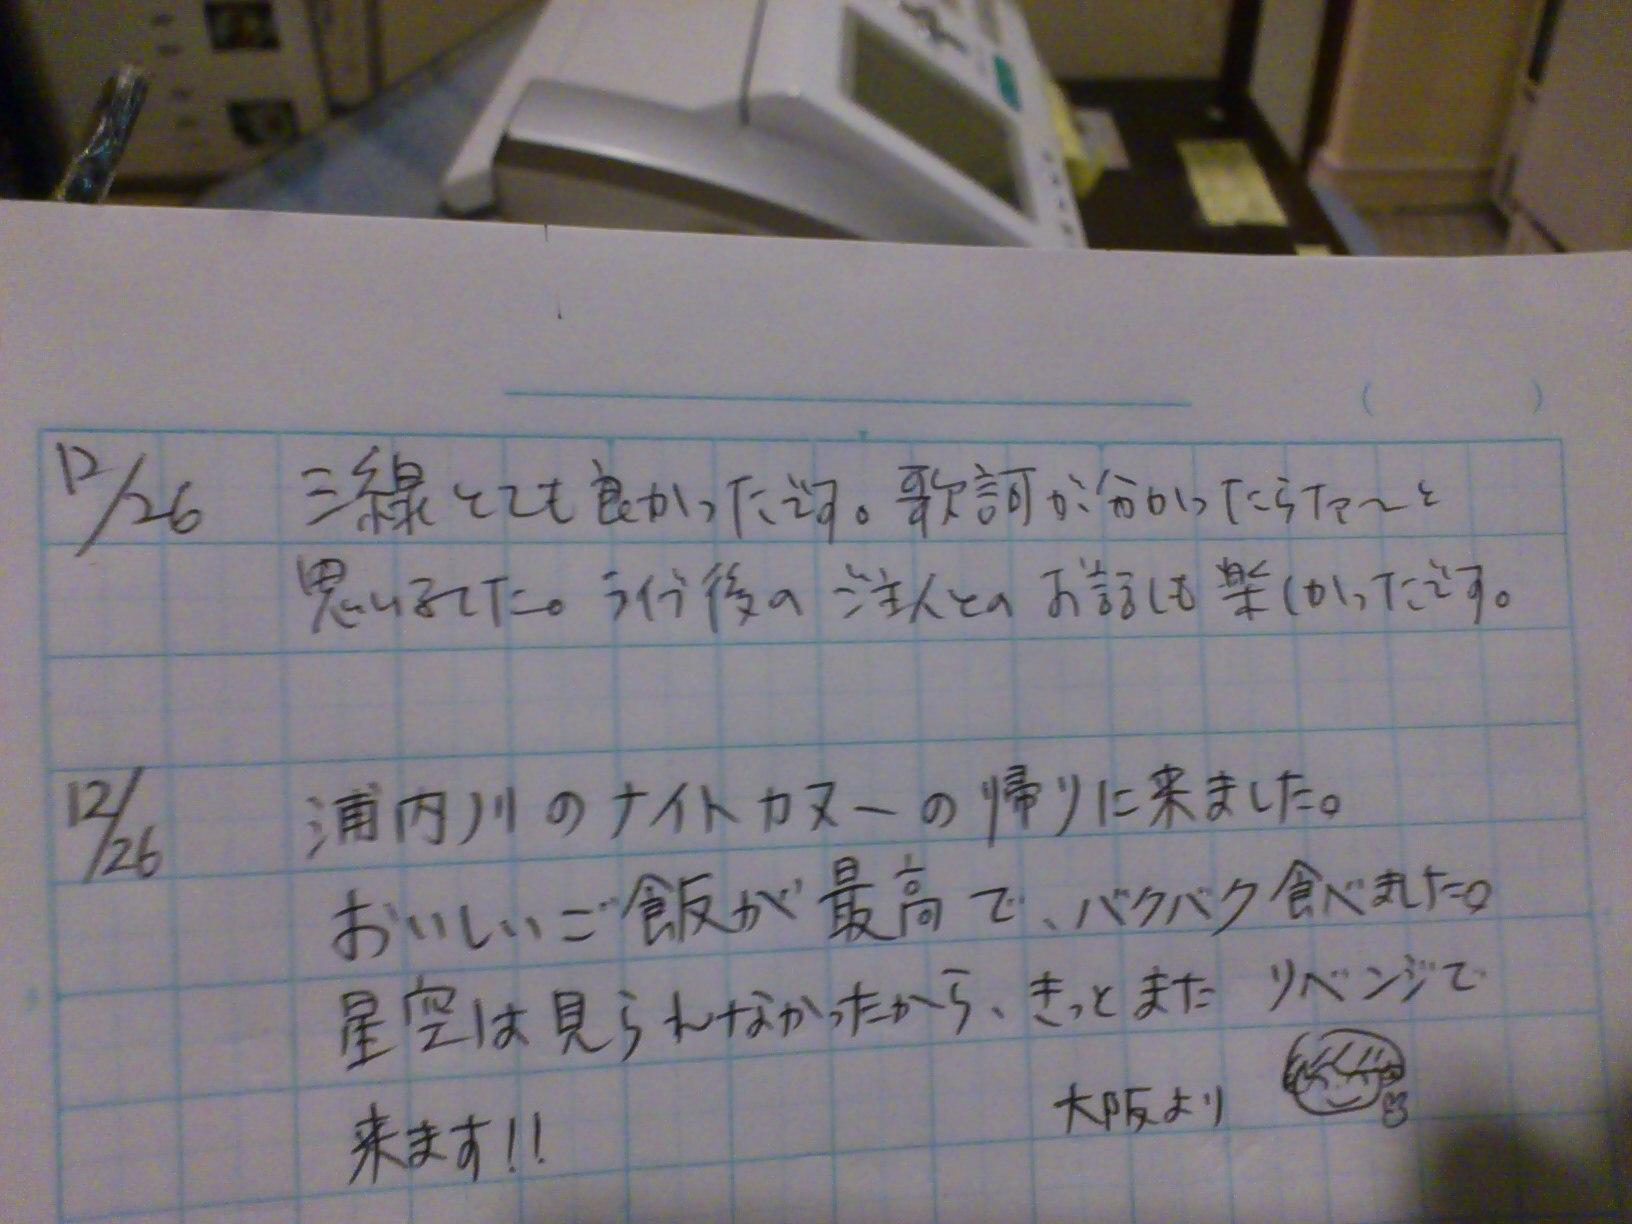 fc2blog_2012122909075977e.jpg